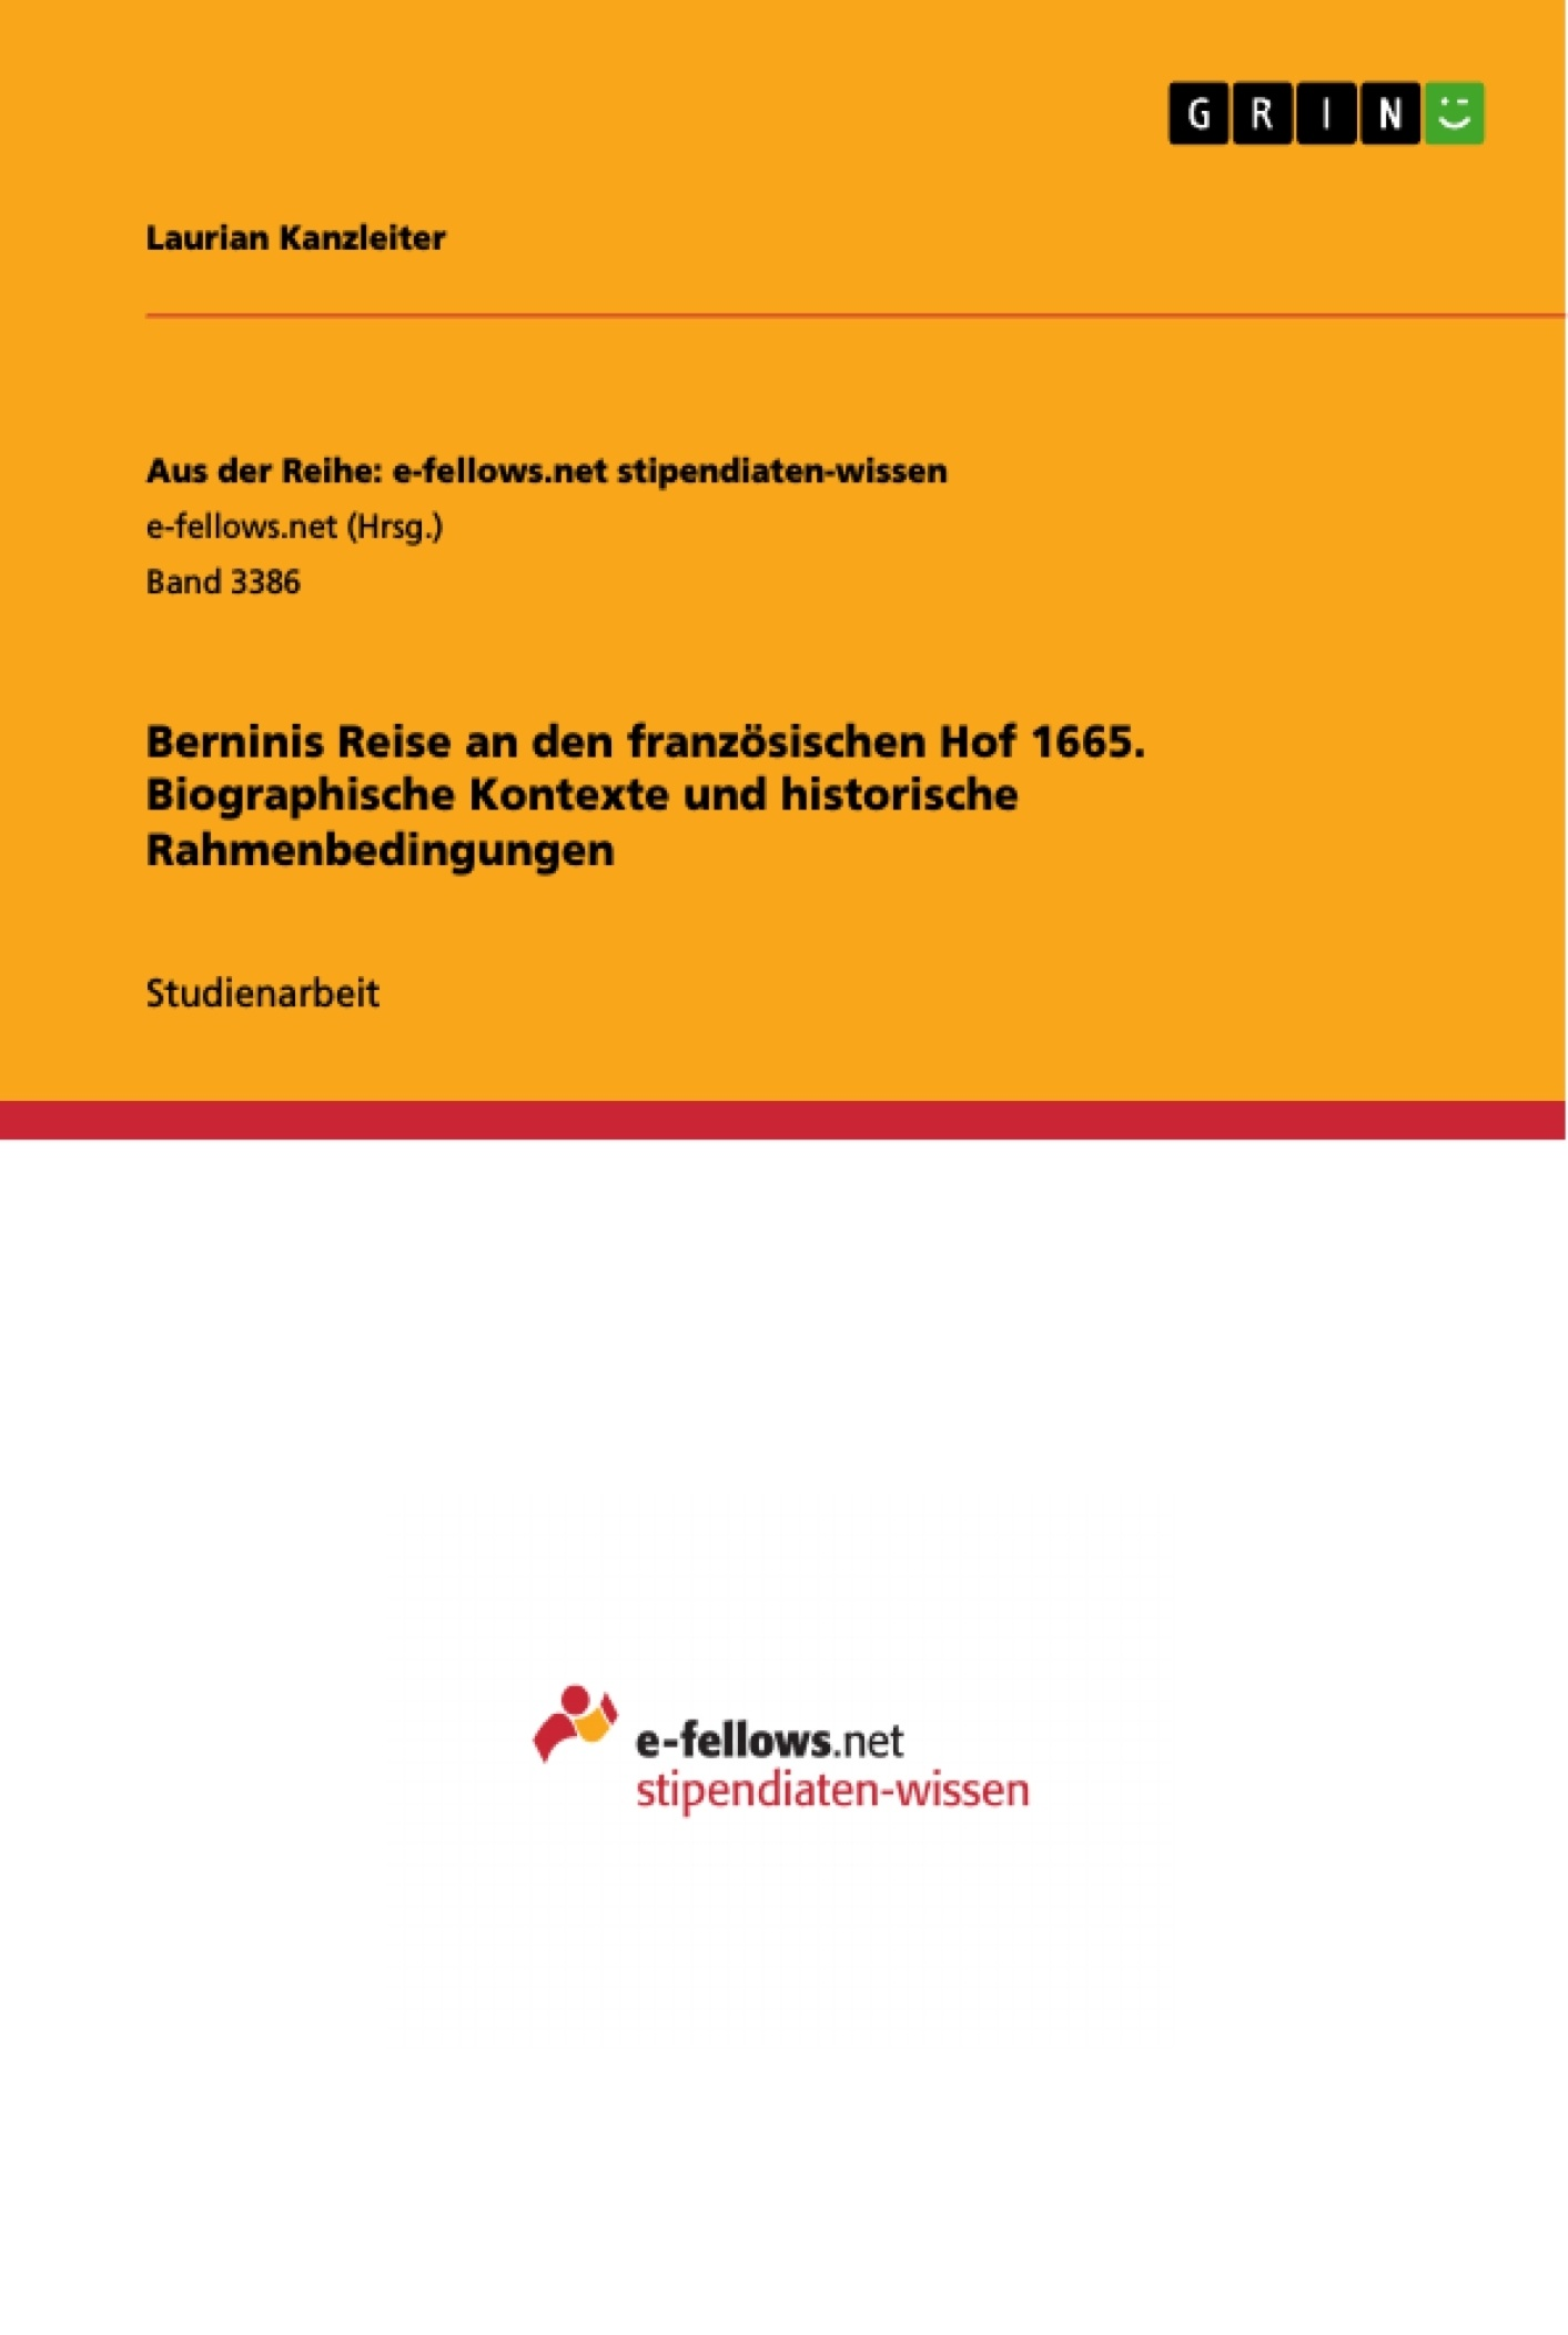 Titel: Berninis Reise an den französischen Hof 1665. Biographische Kontexte und historische Rahmenbedingungen